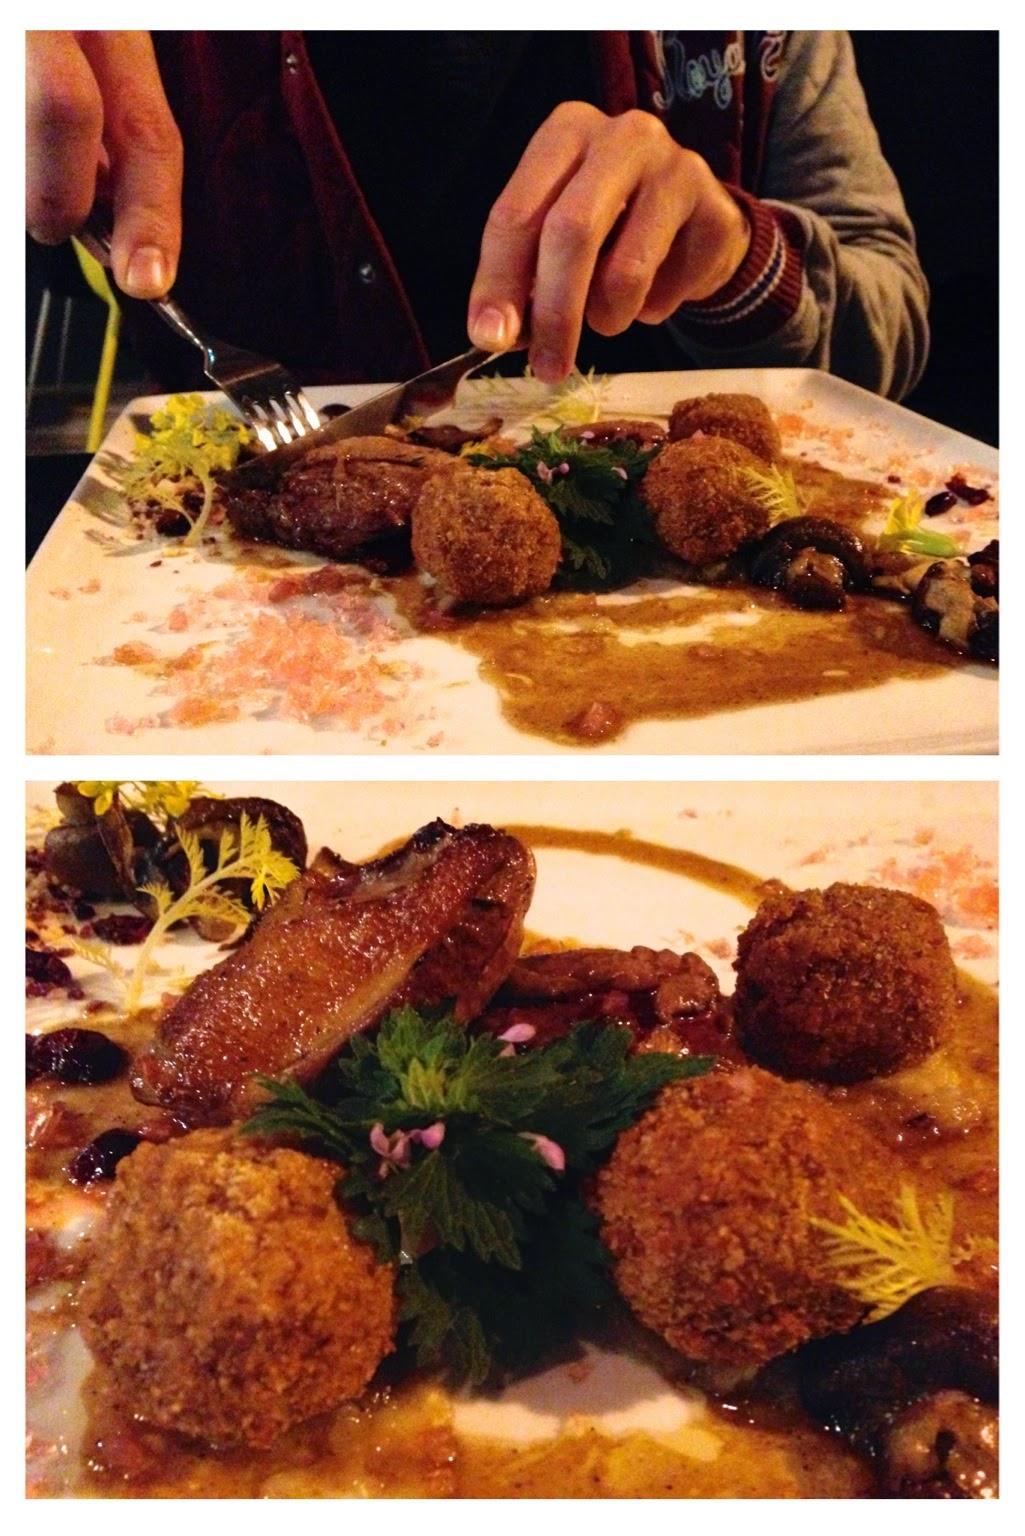 Restaurant Miam Home Made Maguey Paris Fait Maison